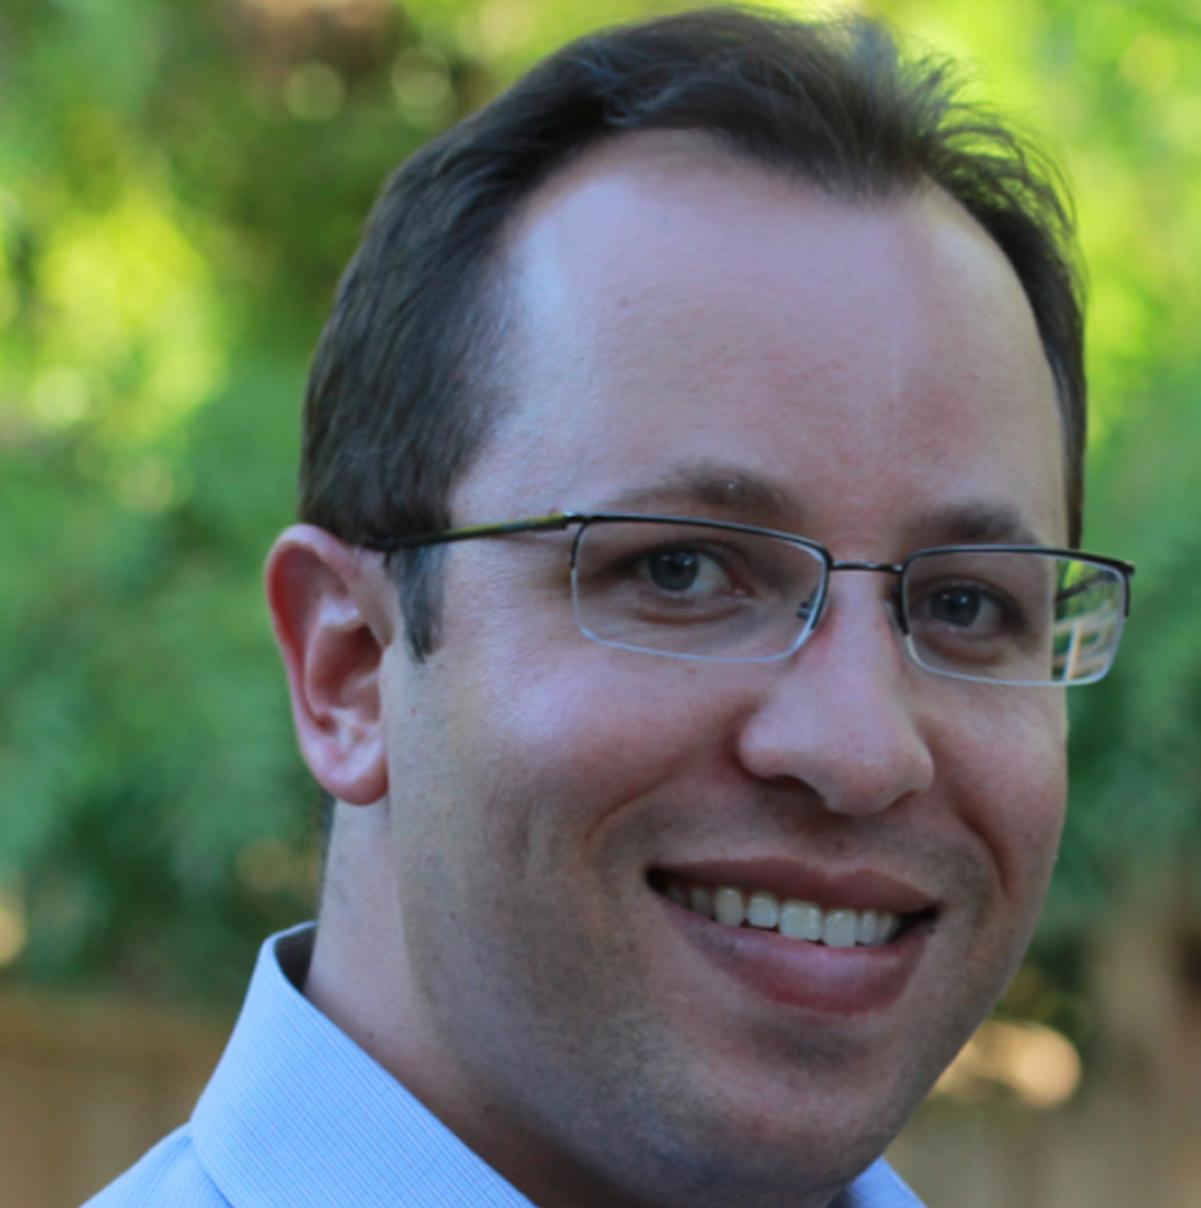 Aaron Moskowitz